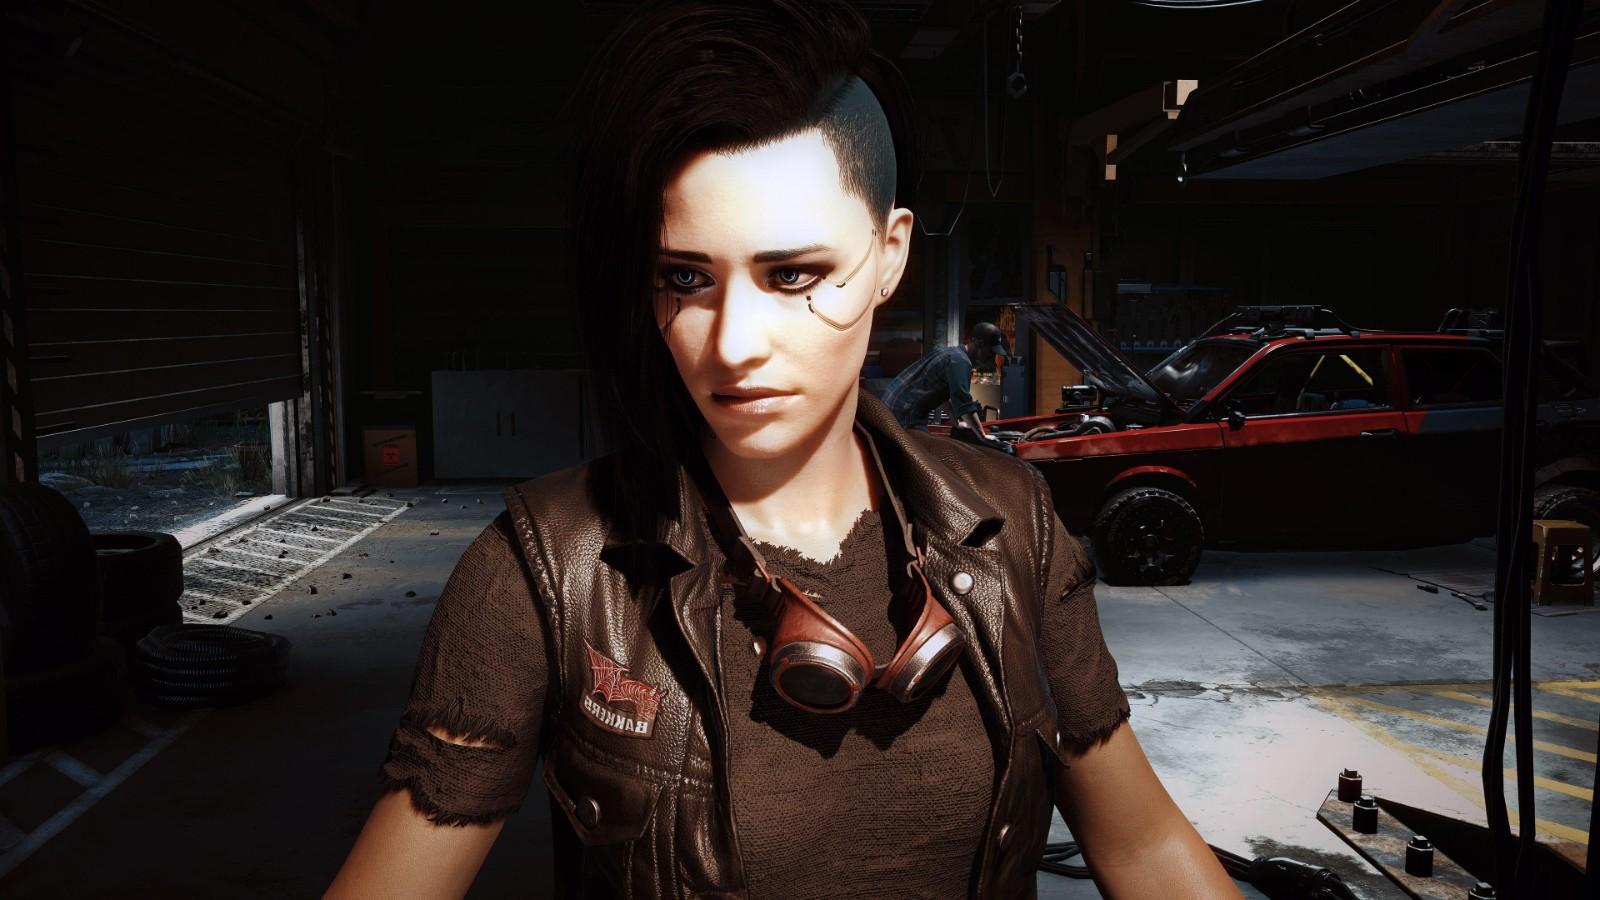 《赛博朋克2077》8K截图欣赏 朱迪侧颜太美了